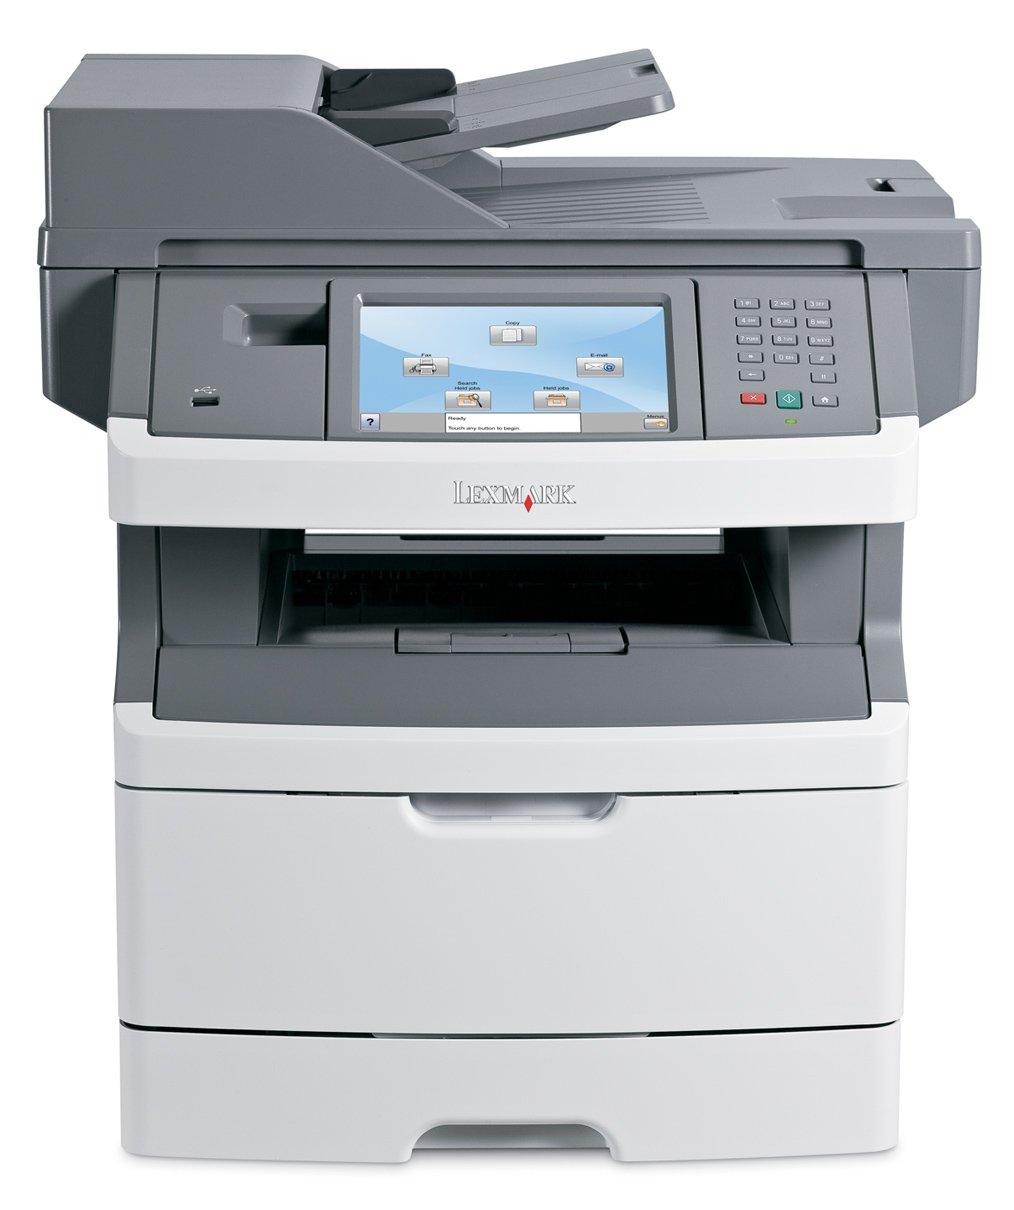 Lexmark 13C1232 - Impresora multifunción láser Blanco y ...